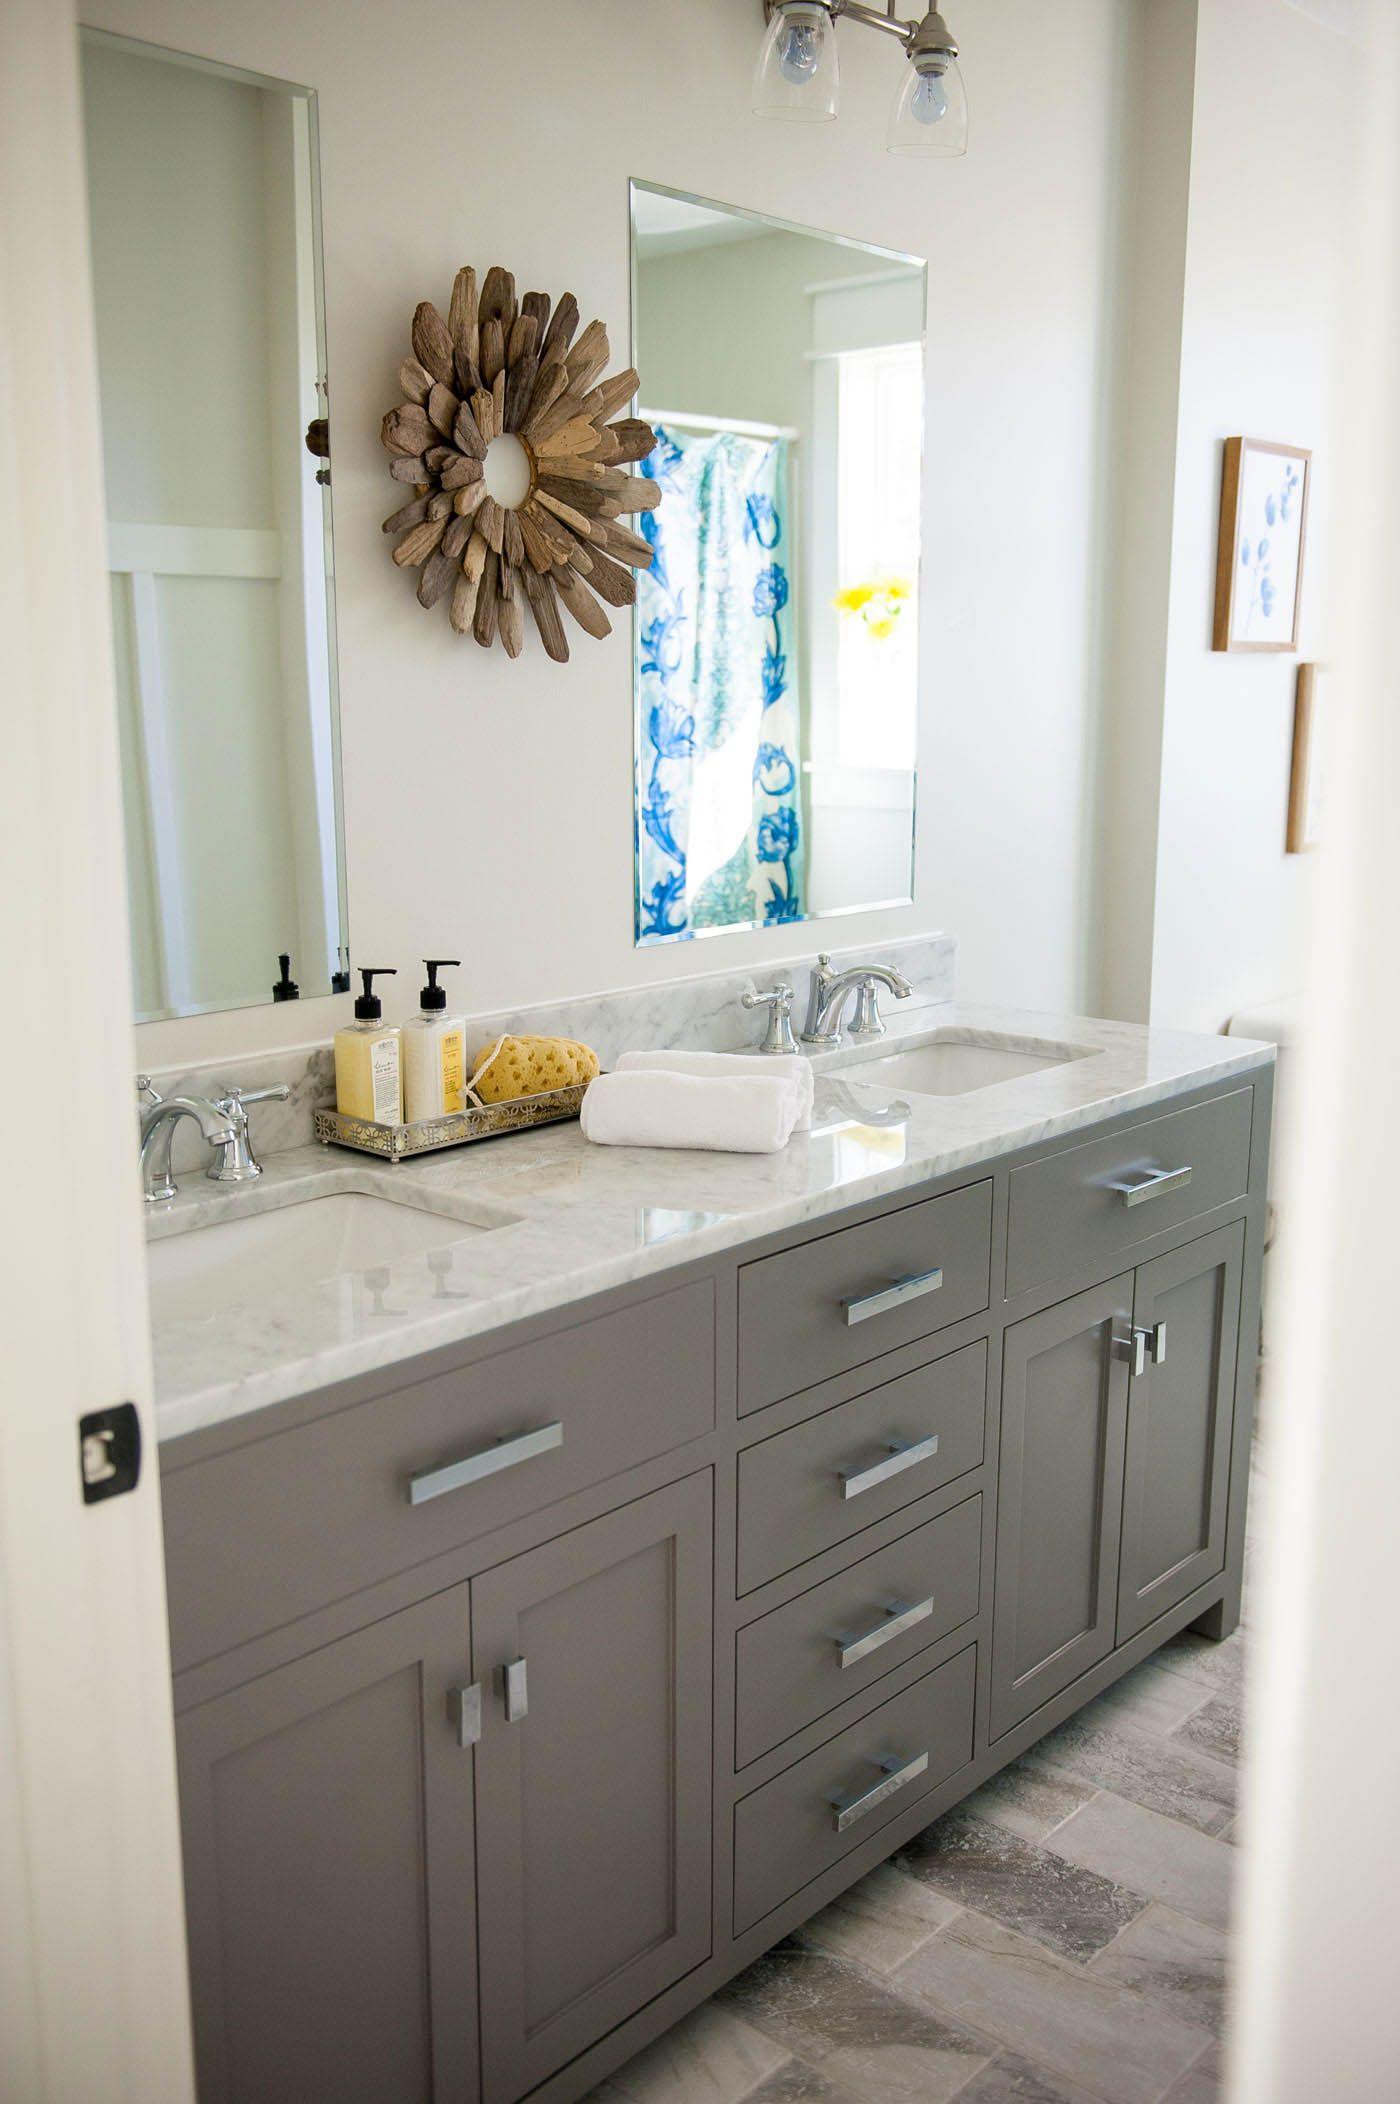 The Ultimate Guide To Buying A Bathroom Vanity Double Vanity Bathroom Grey Bathroom Vanity Master Bathroom Vanity